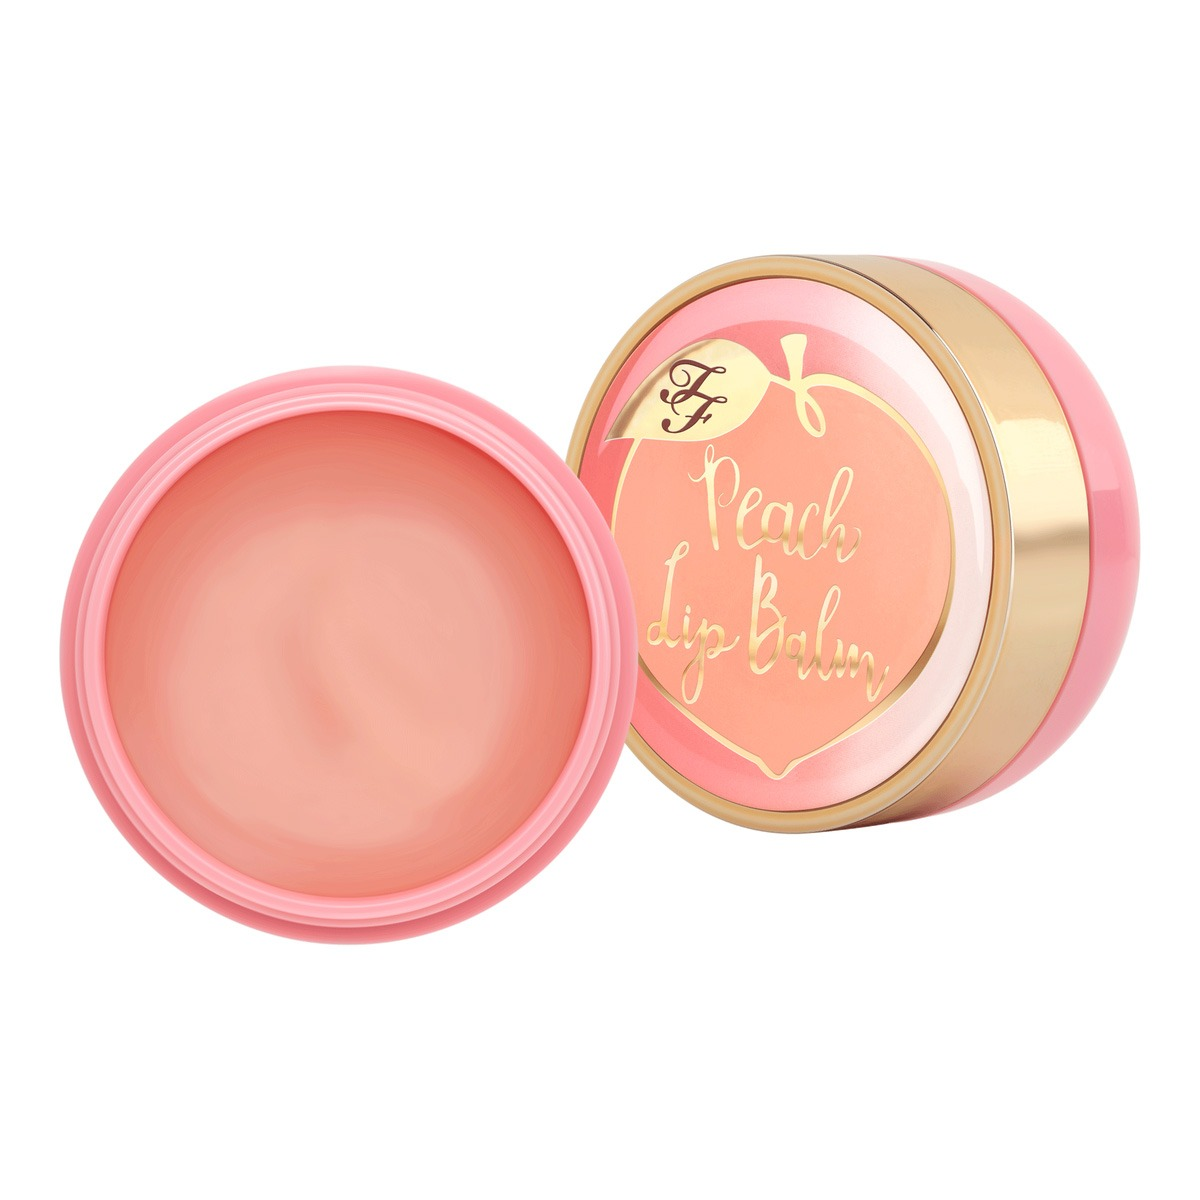 too-faced-peach-lip-balm